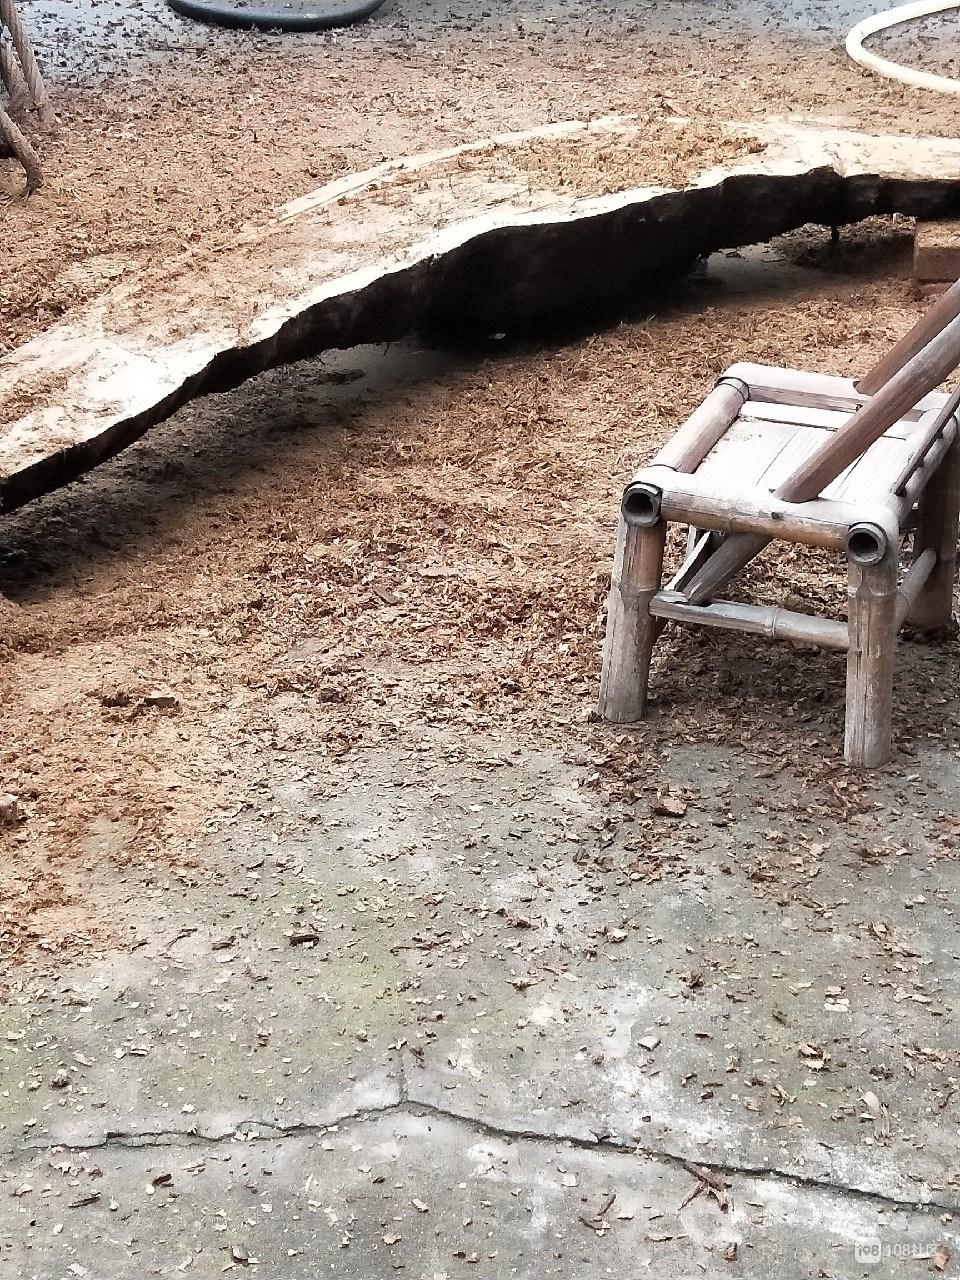 我的处女作:一块破烂不堪的木头,摇身一变成了茶台!